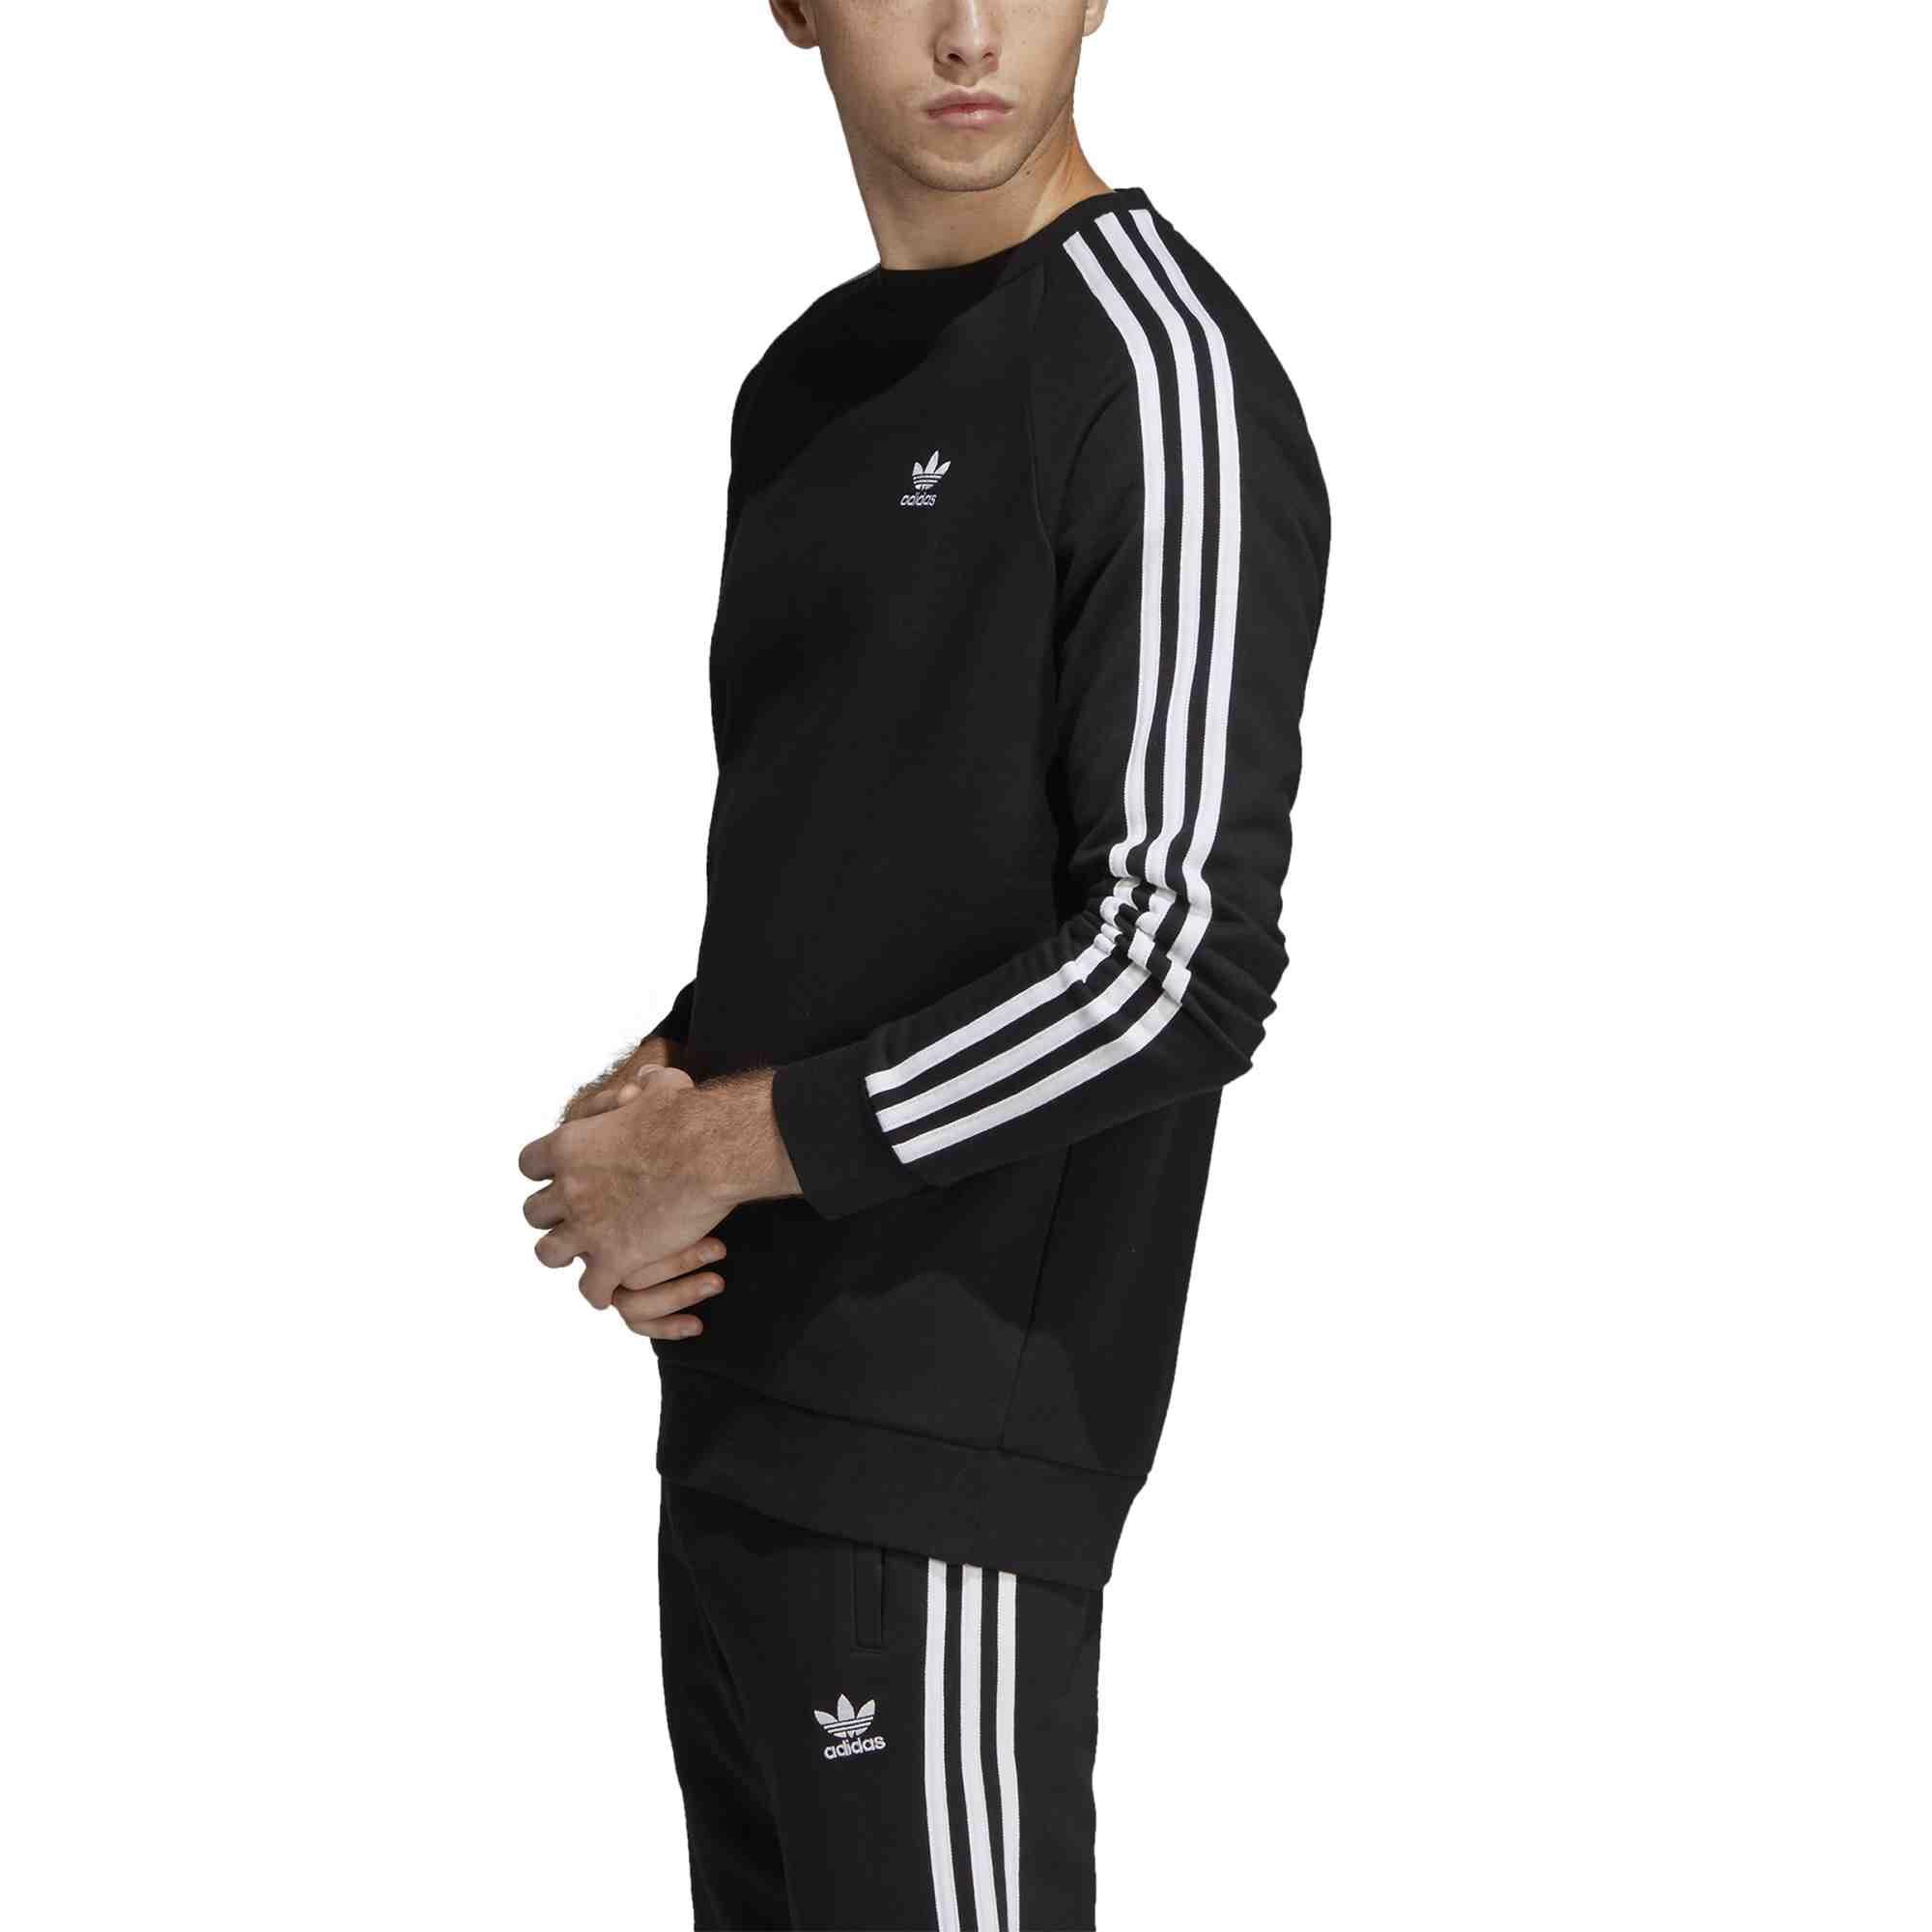 DRES ADIDAS TS BTS kod:S22623  Spodnie dresowe Odzież